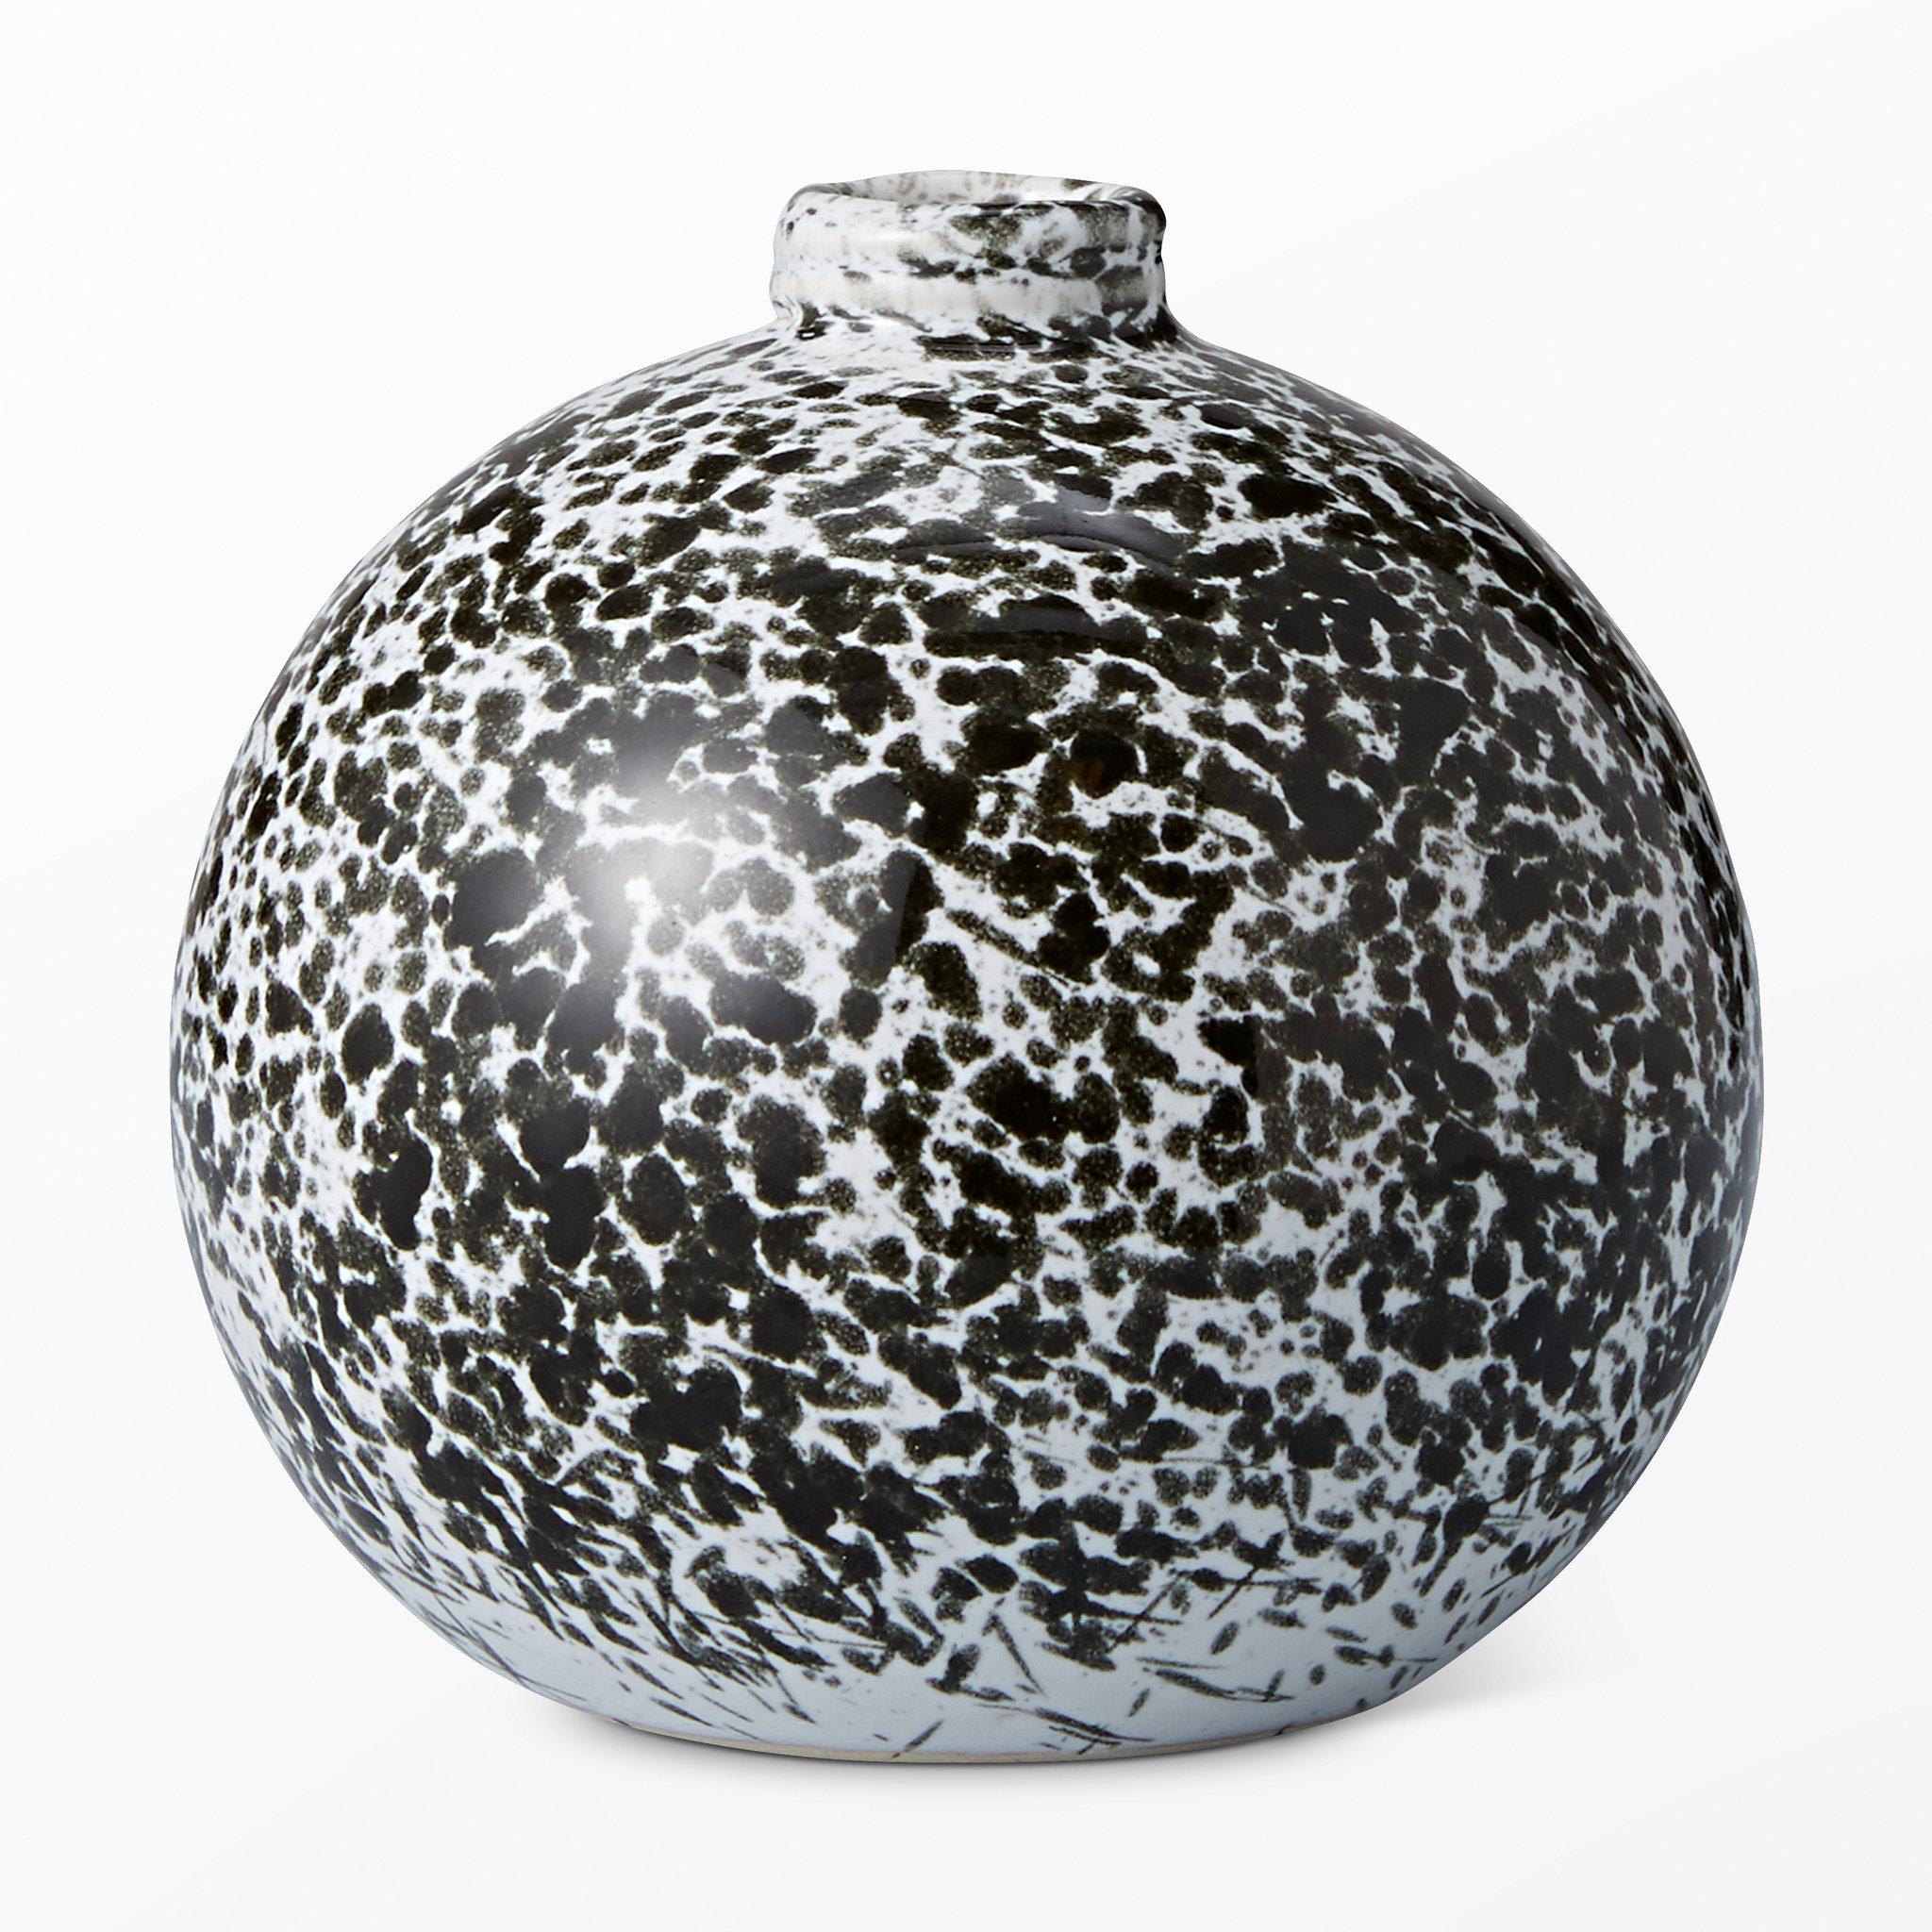 Vas, 10x10 cm